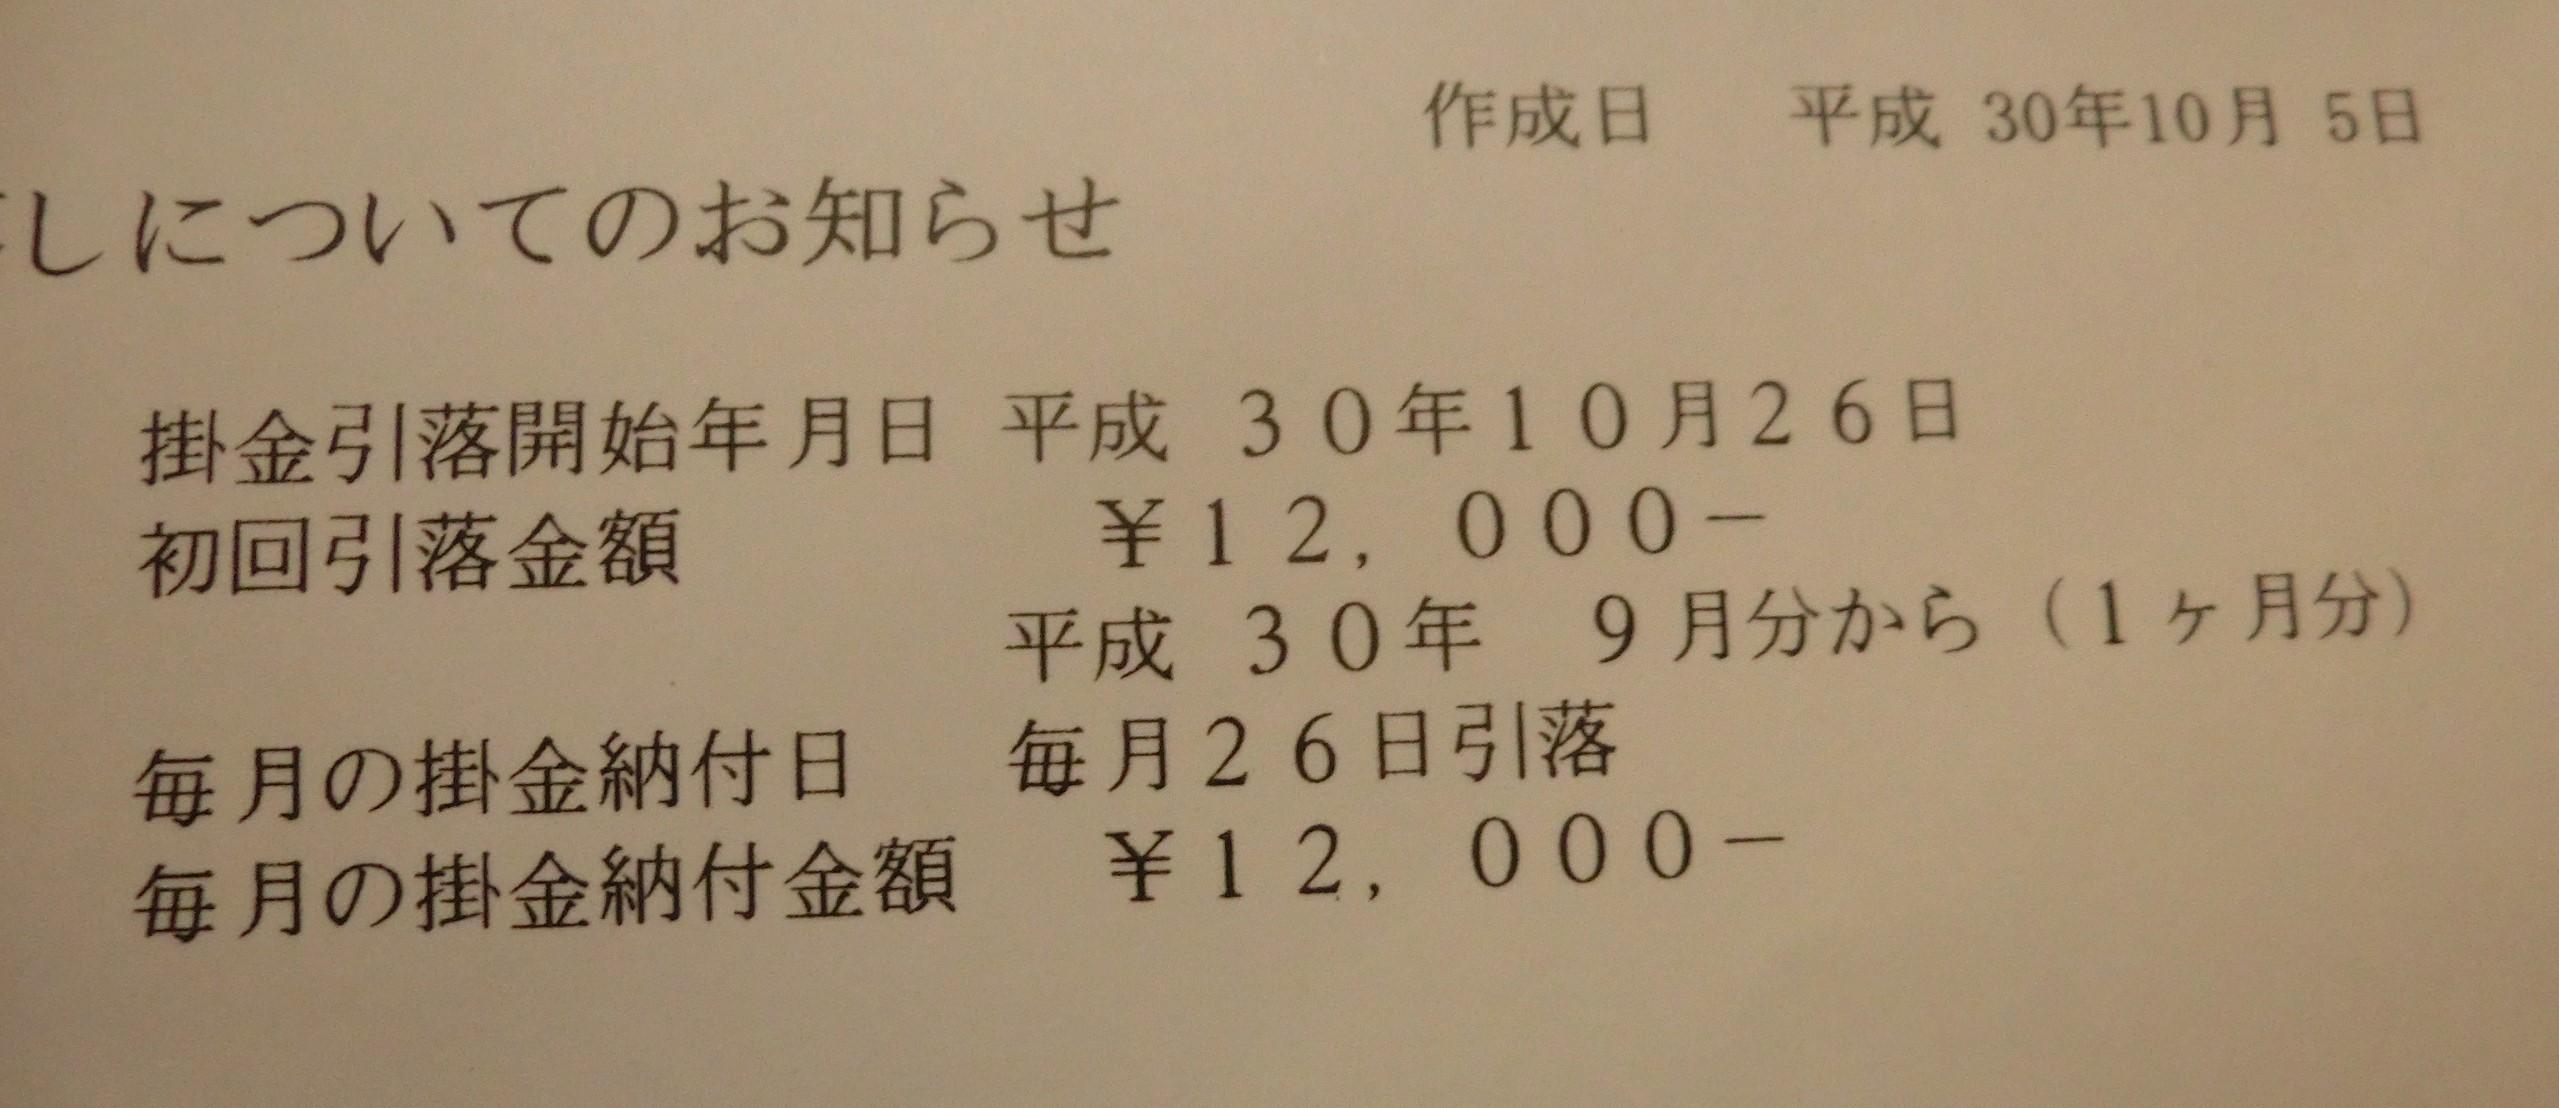 CIMG5659.jpg